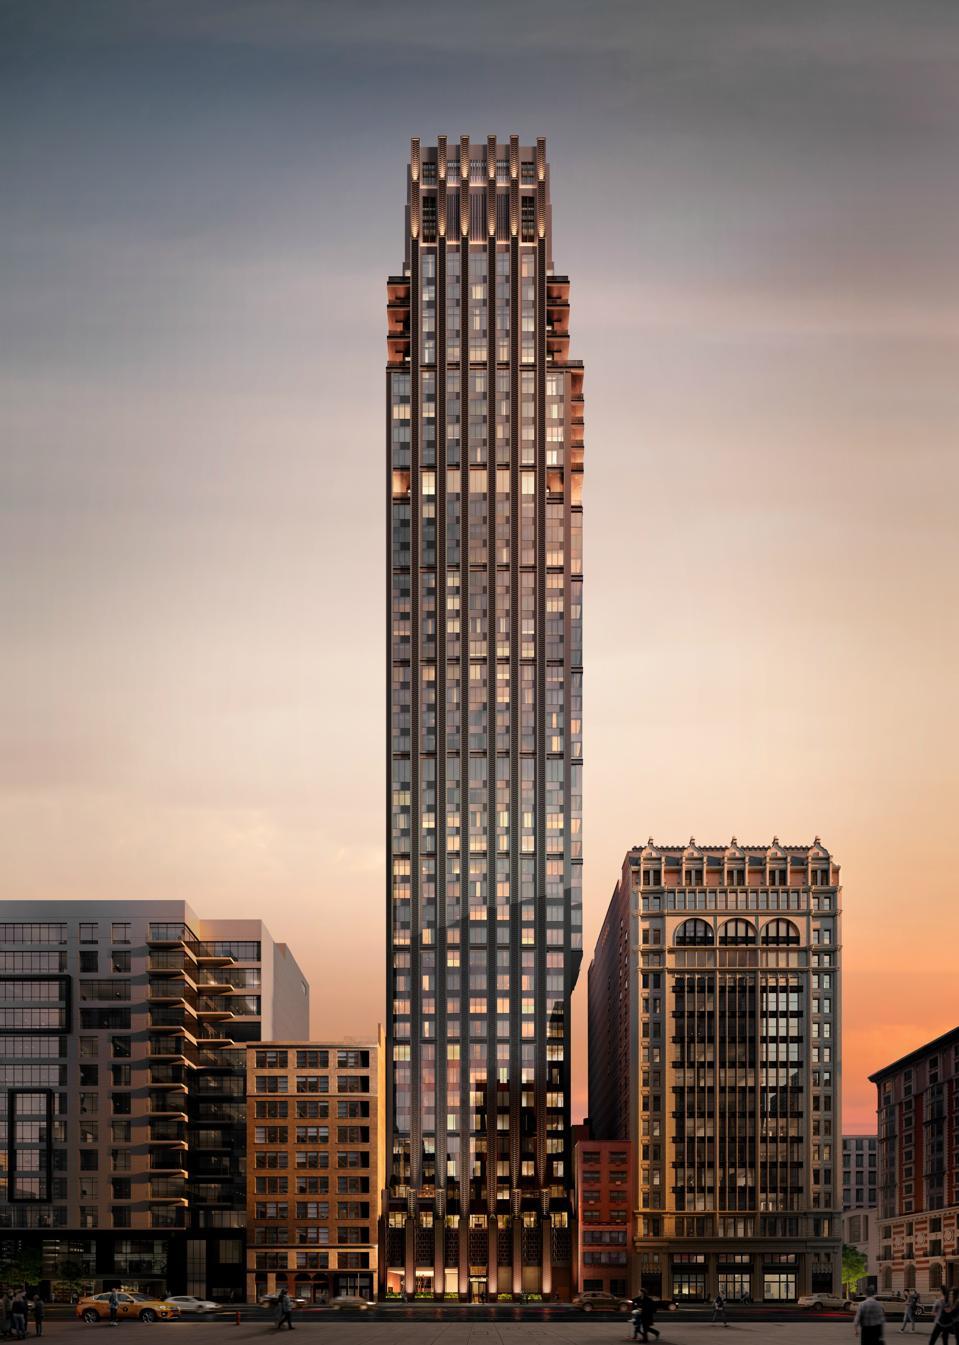 An Art Deco tower.